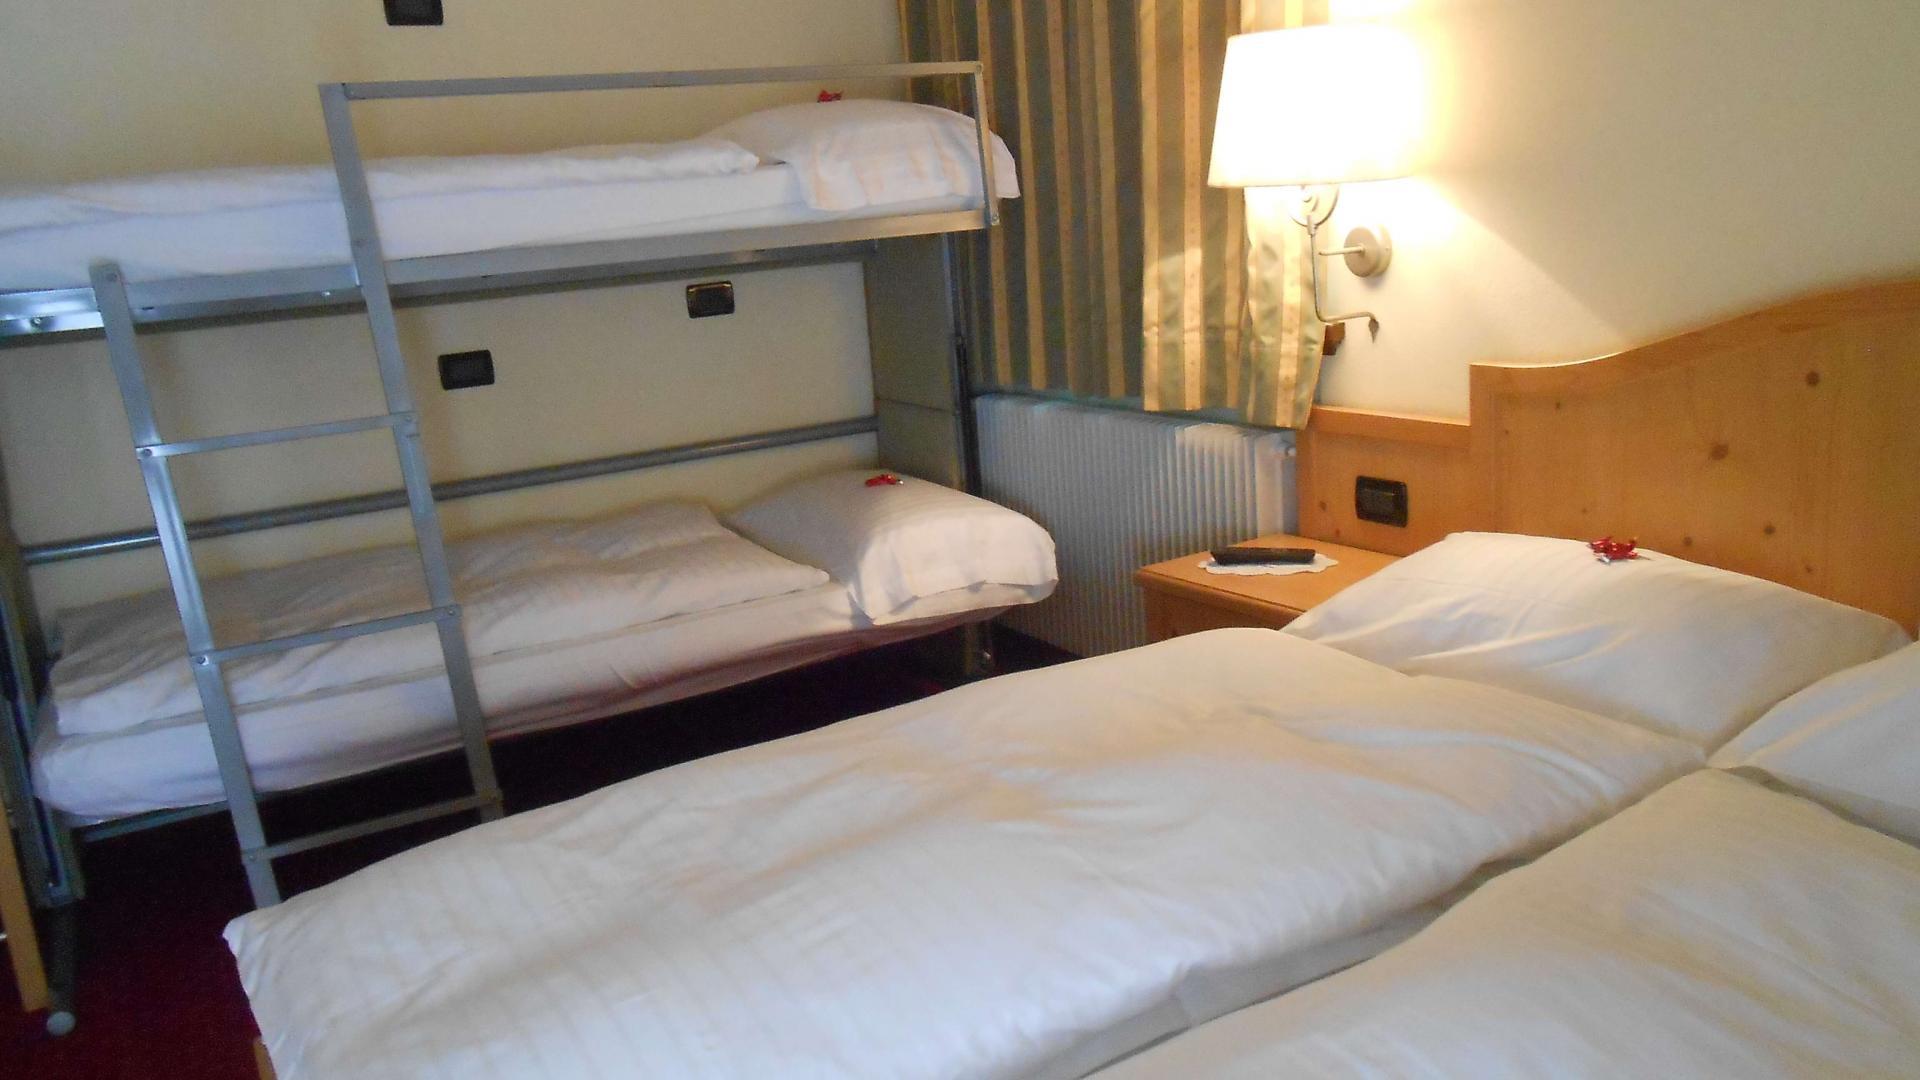 Details of triple room at Livigno - Hotel del Bosco